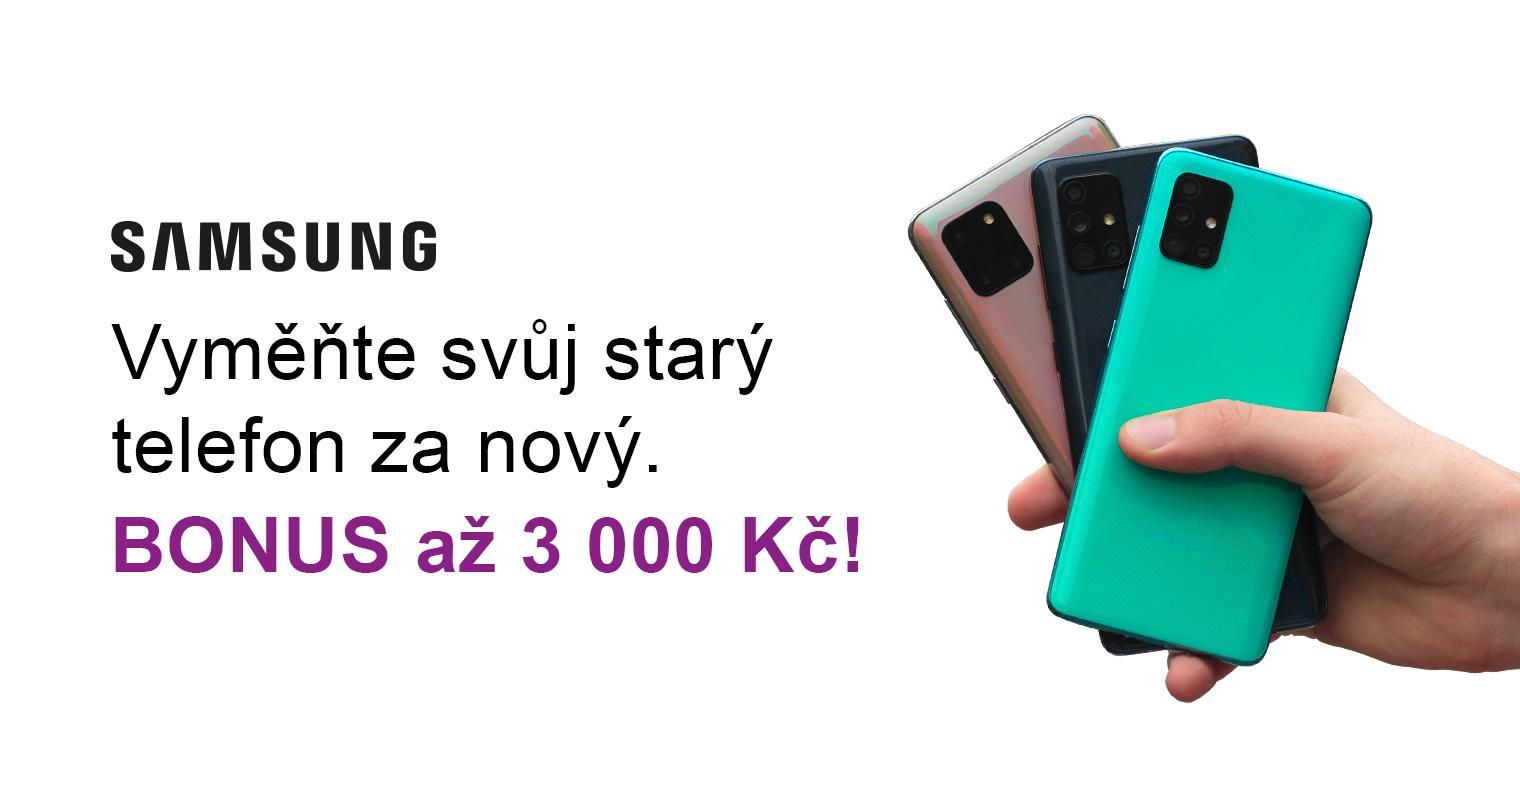 Získejte se Smarty slevu až 18 000 Kč na Galaxy S20 [sponzorovaný článek]